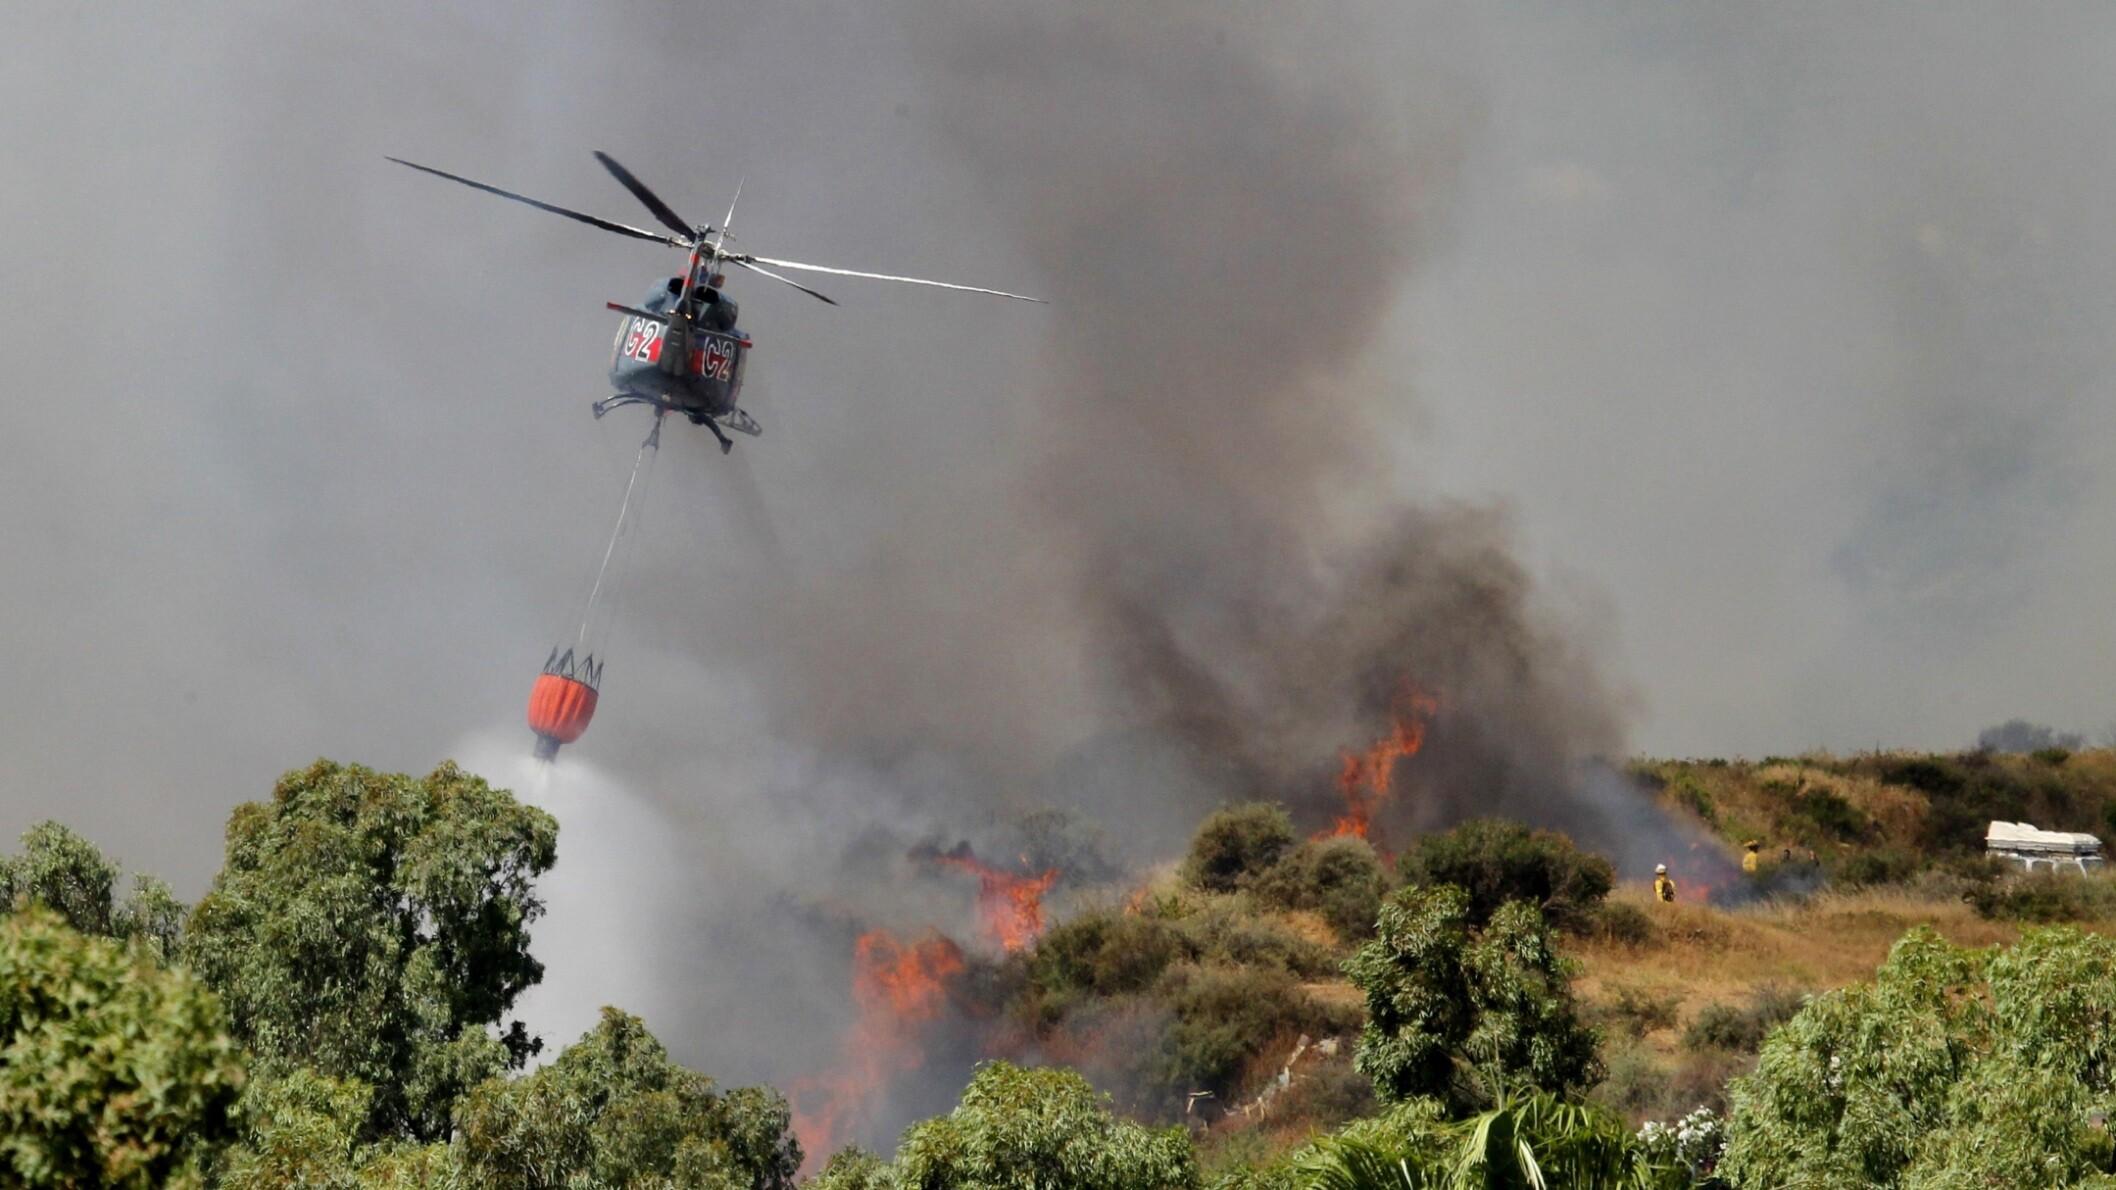 Forskning: Menneskeskabte klimaforandringer fører til flere skovbrande | Udland | DR